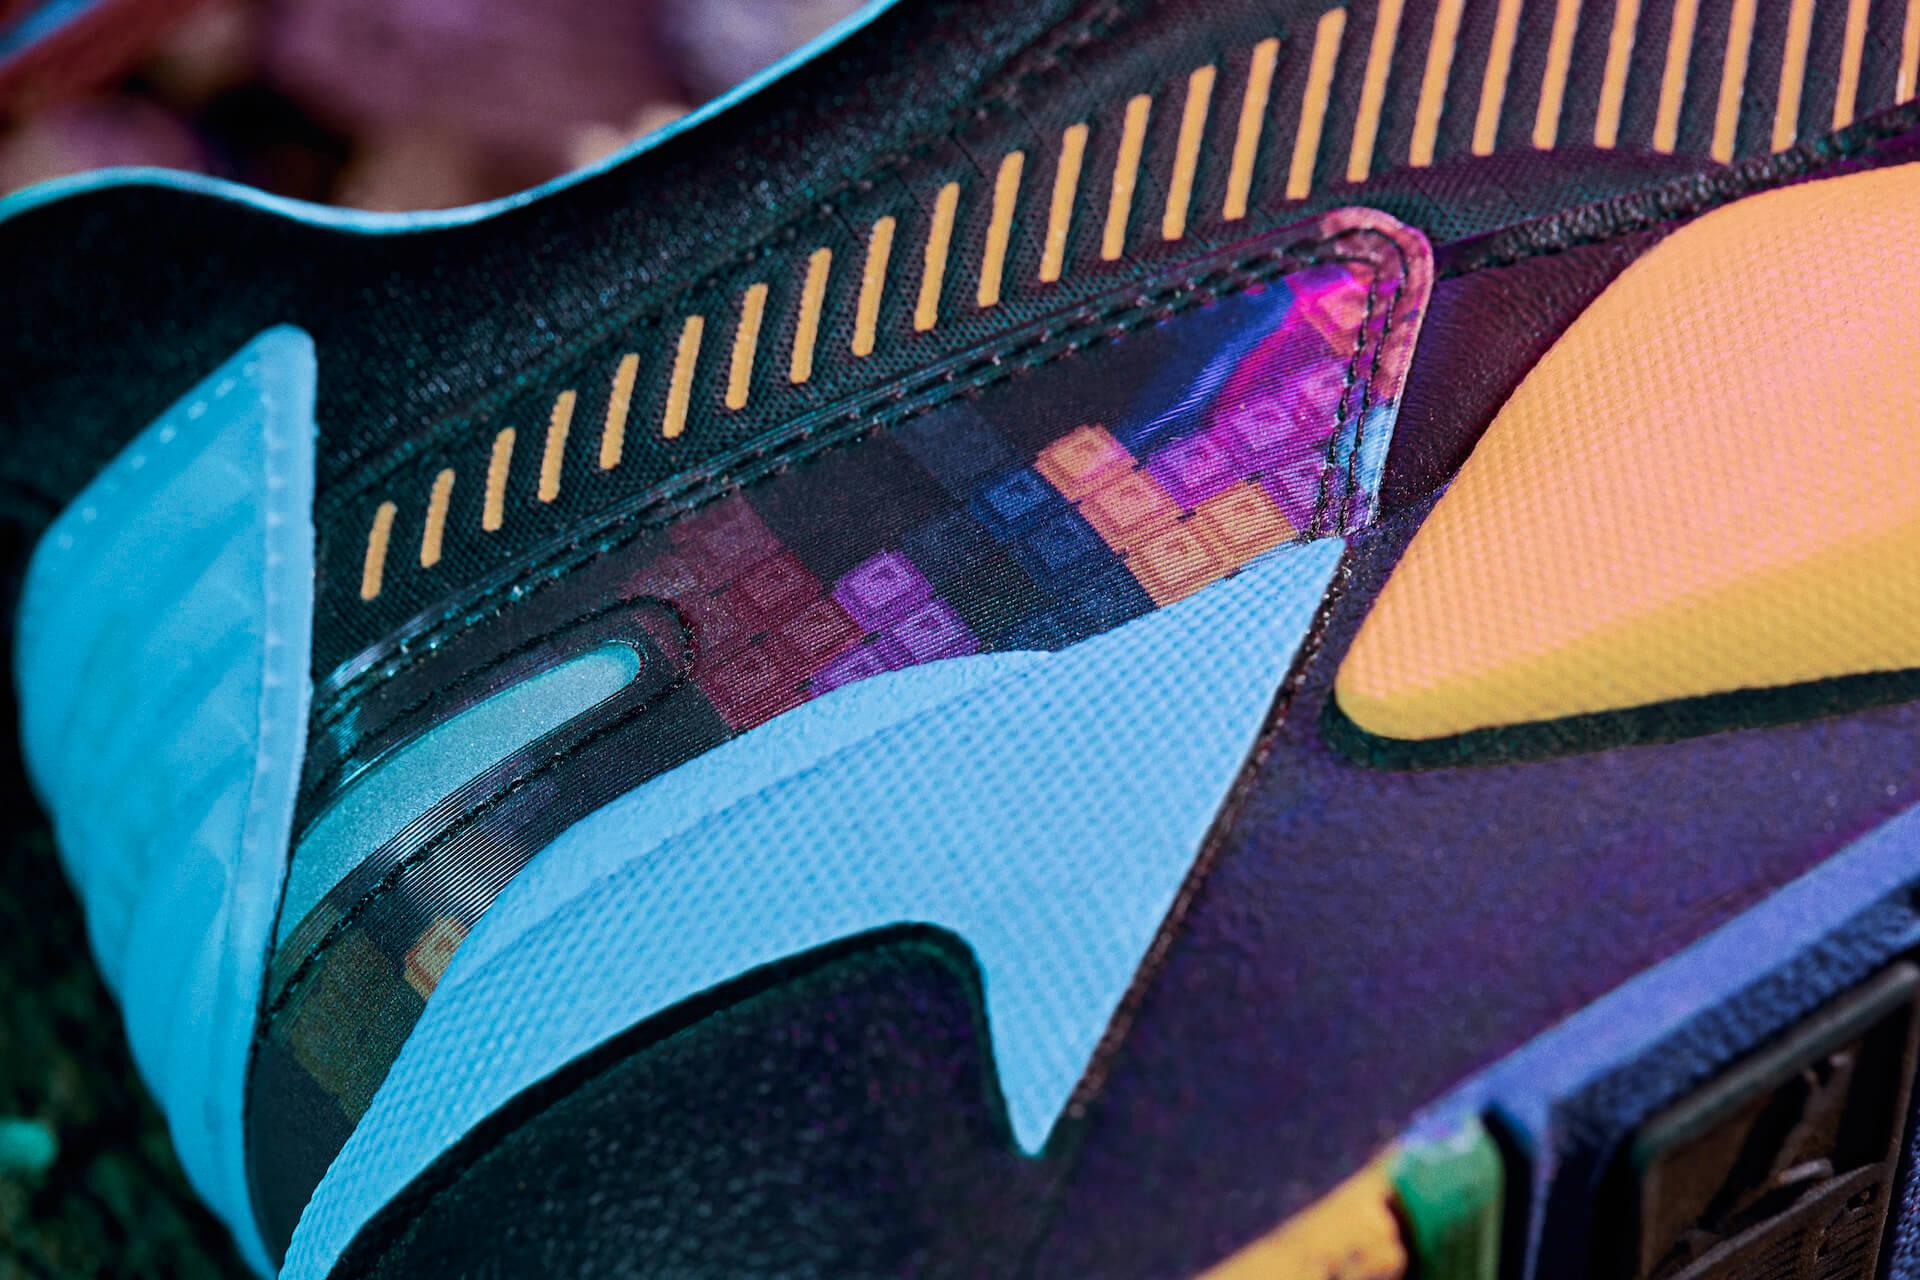 世界で最も有名なゲーム「テトリス®」とプーマが初コラボ、「PUMA x TETRIS®」が発売 19AW_xSP_Tetris_RS_X_Product_145_RGB